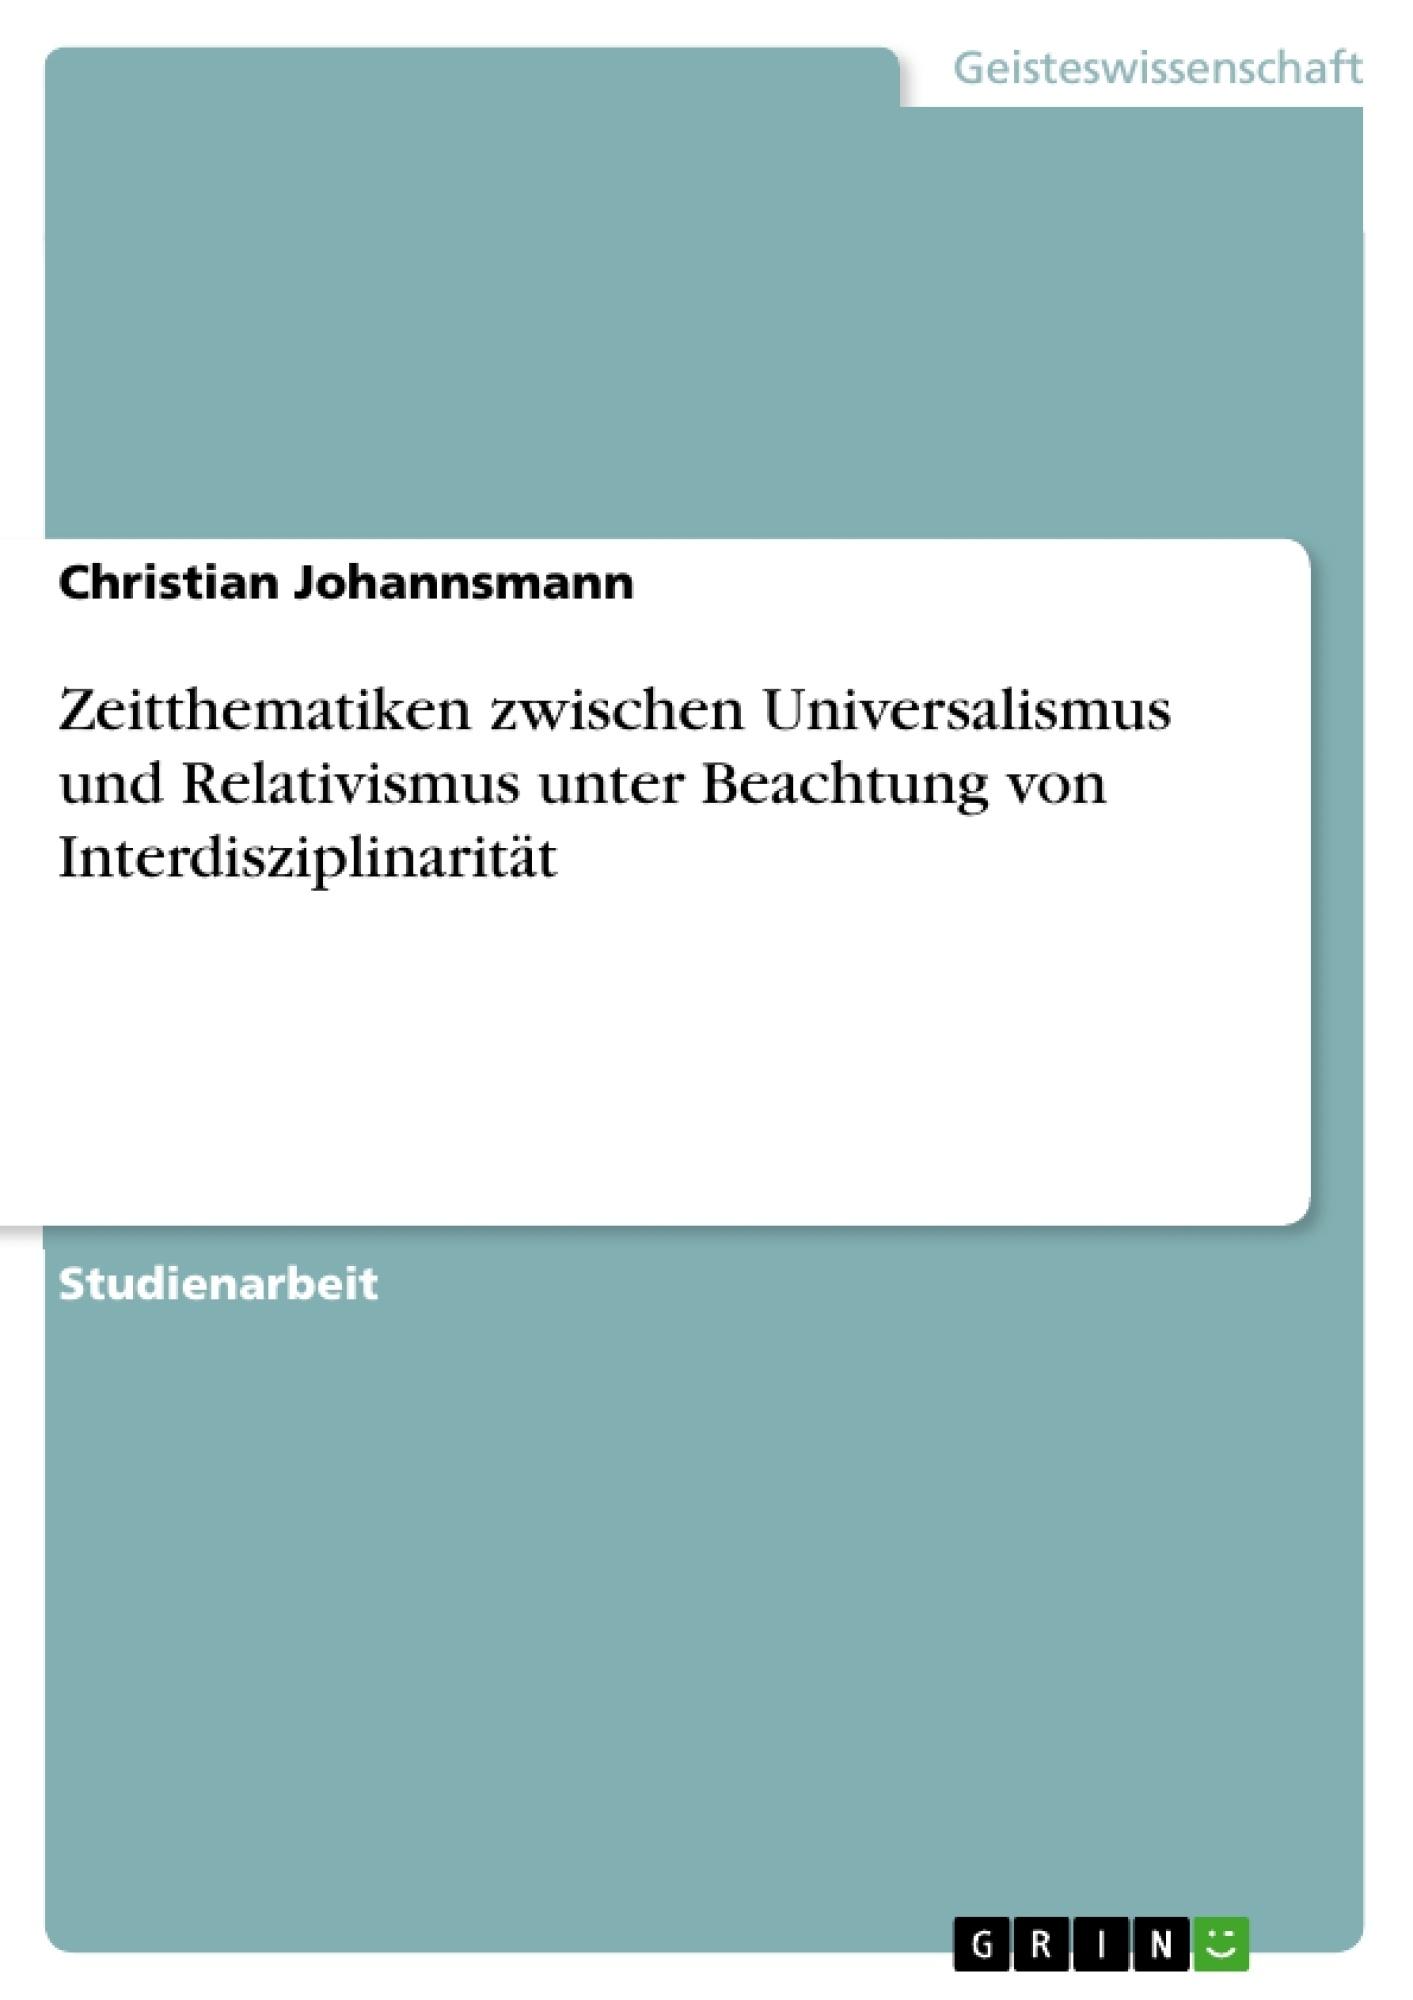 Titel: Zeitthematiken zwischen Universalismus und Relativismus unter Beachtung von Interdisziplinarität